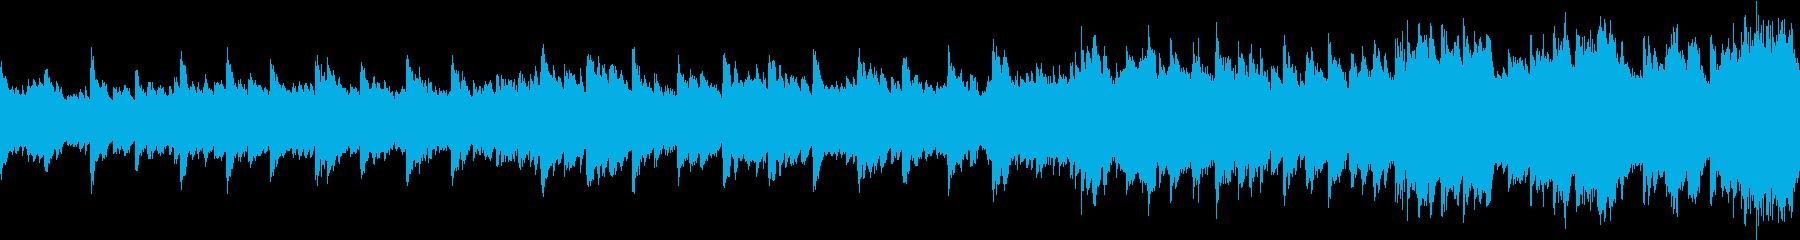 アコーステック 感情的 ファンタジ...の再生済みの波形